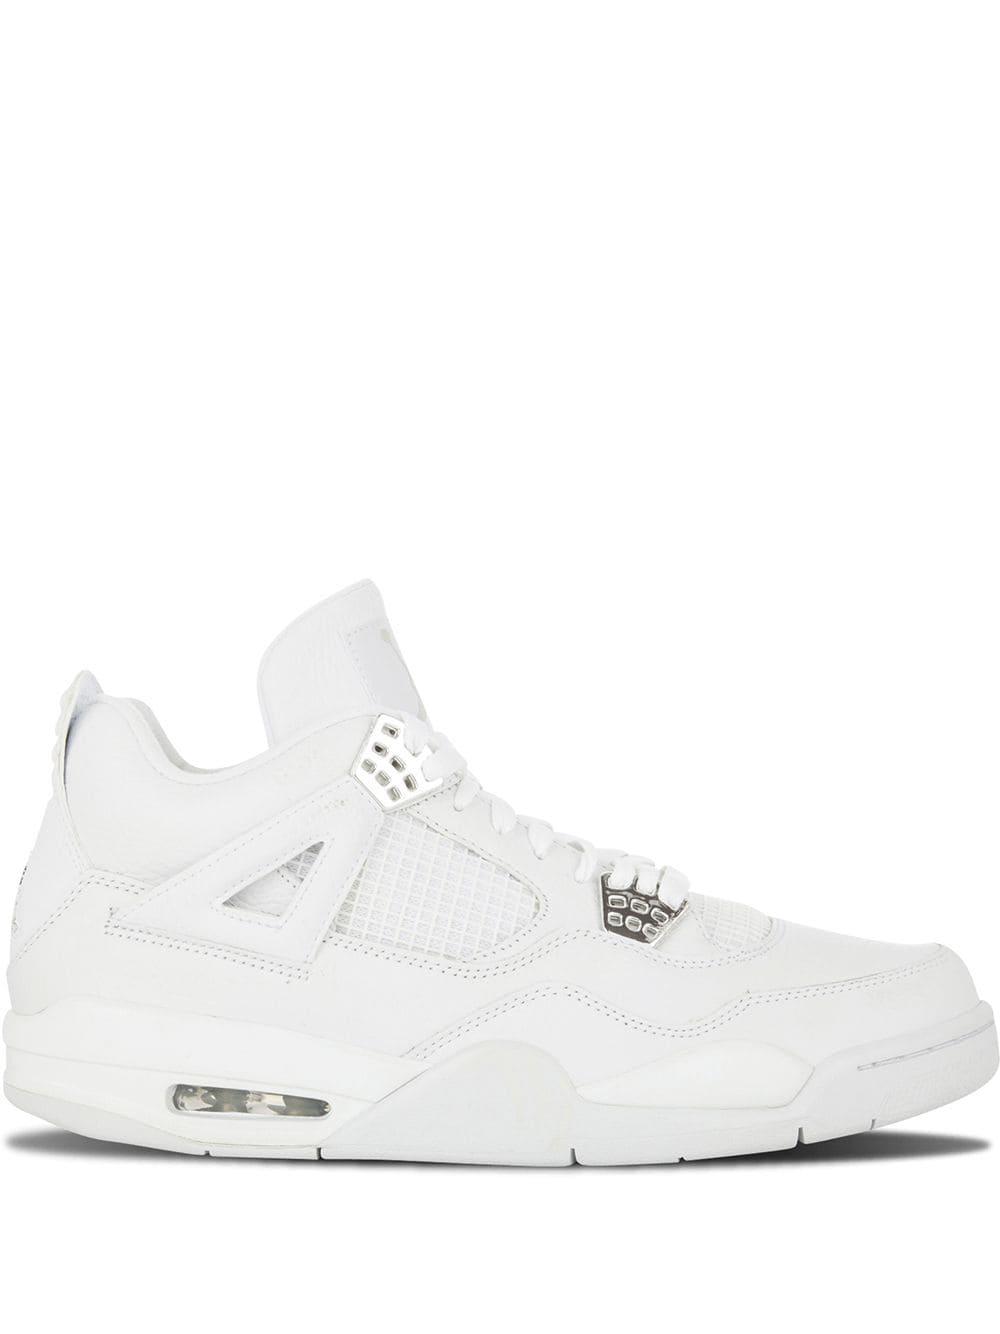 Jordan Air 4 Retro High Top Sneakers In